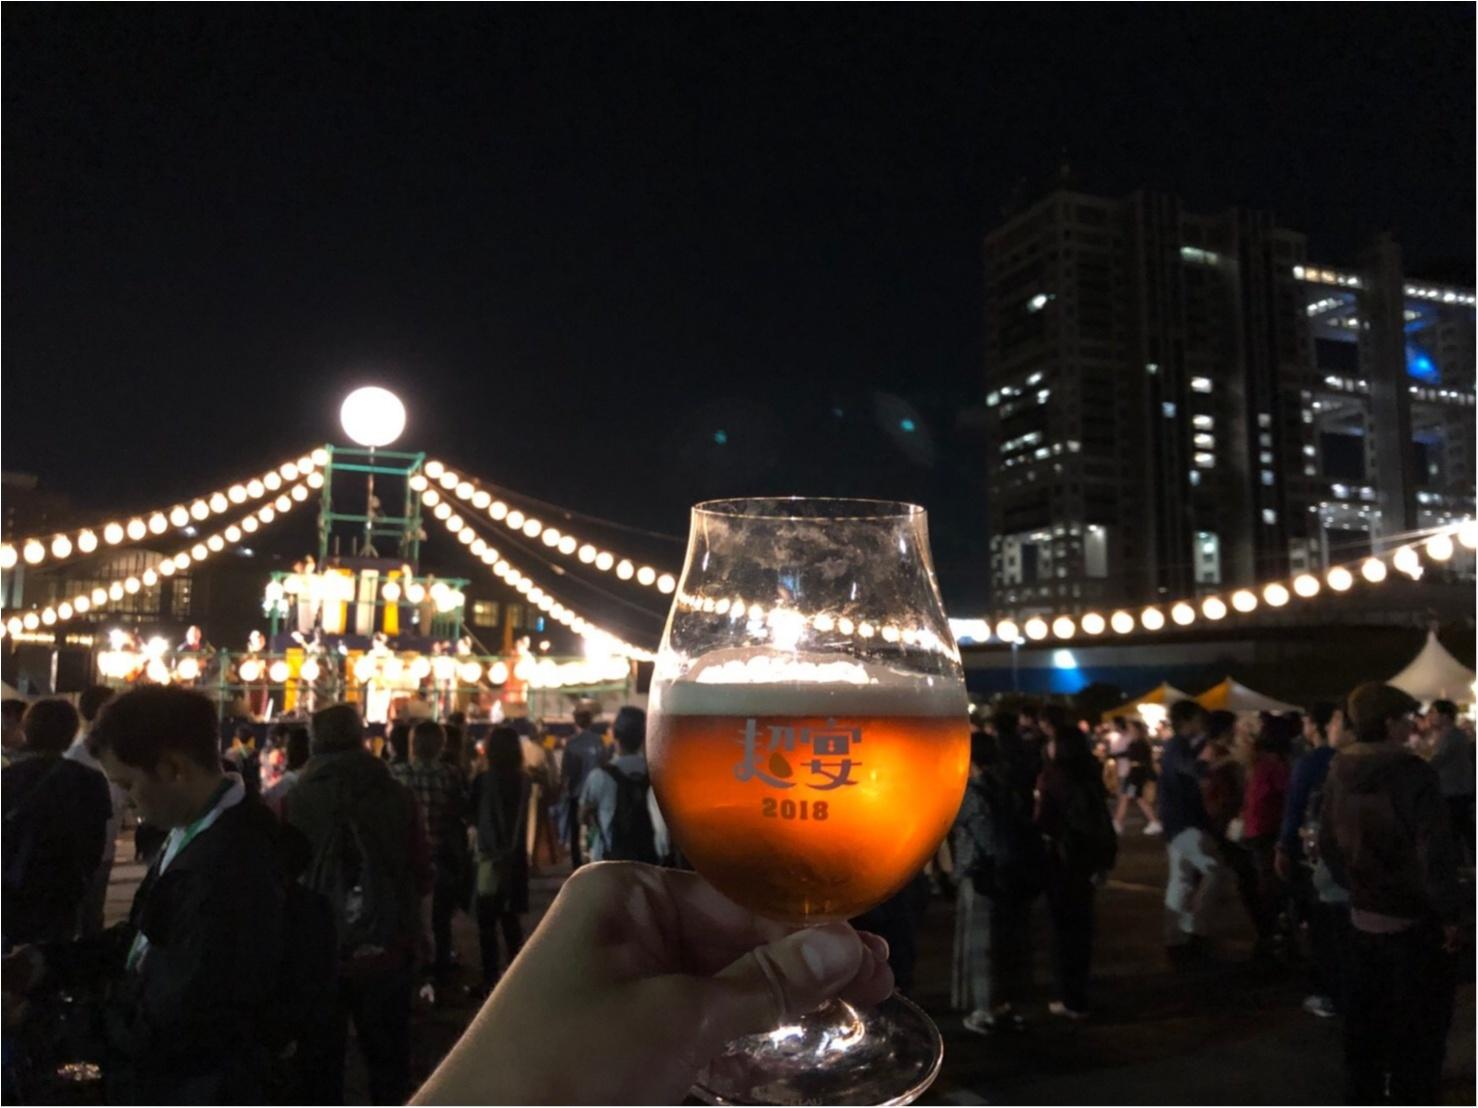 ヤッホーブルーイングのビールイベント【超宴2018】に参加してきました!_5